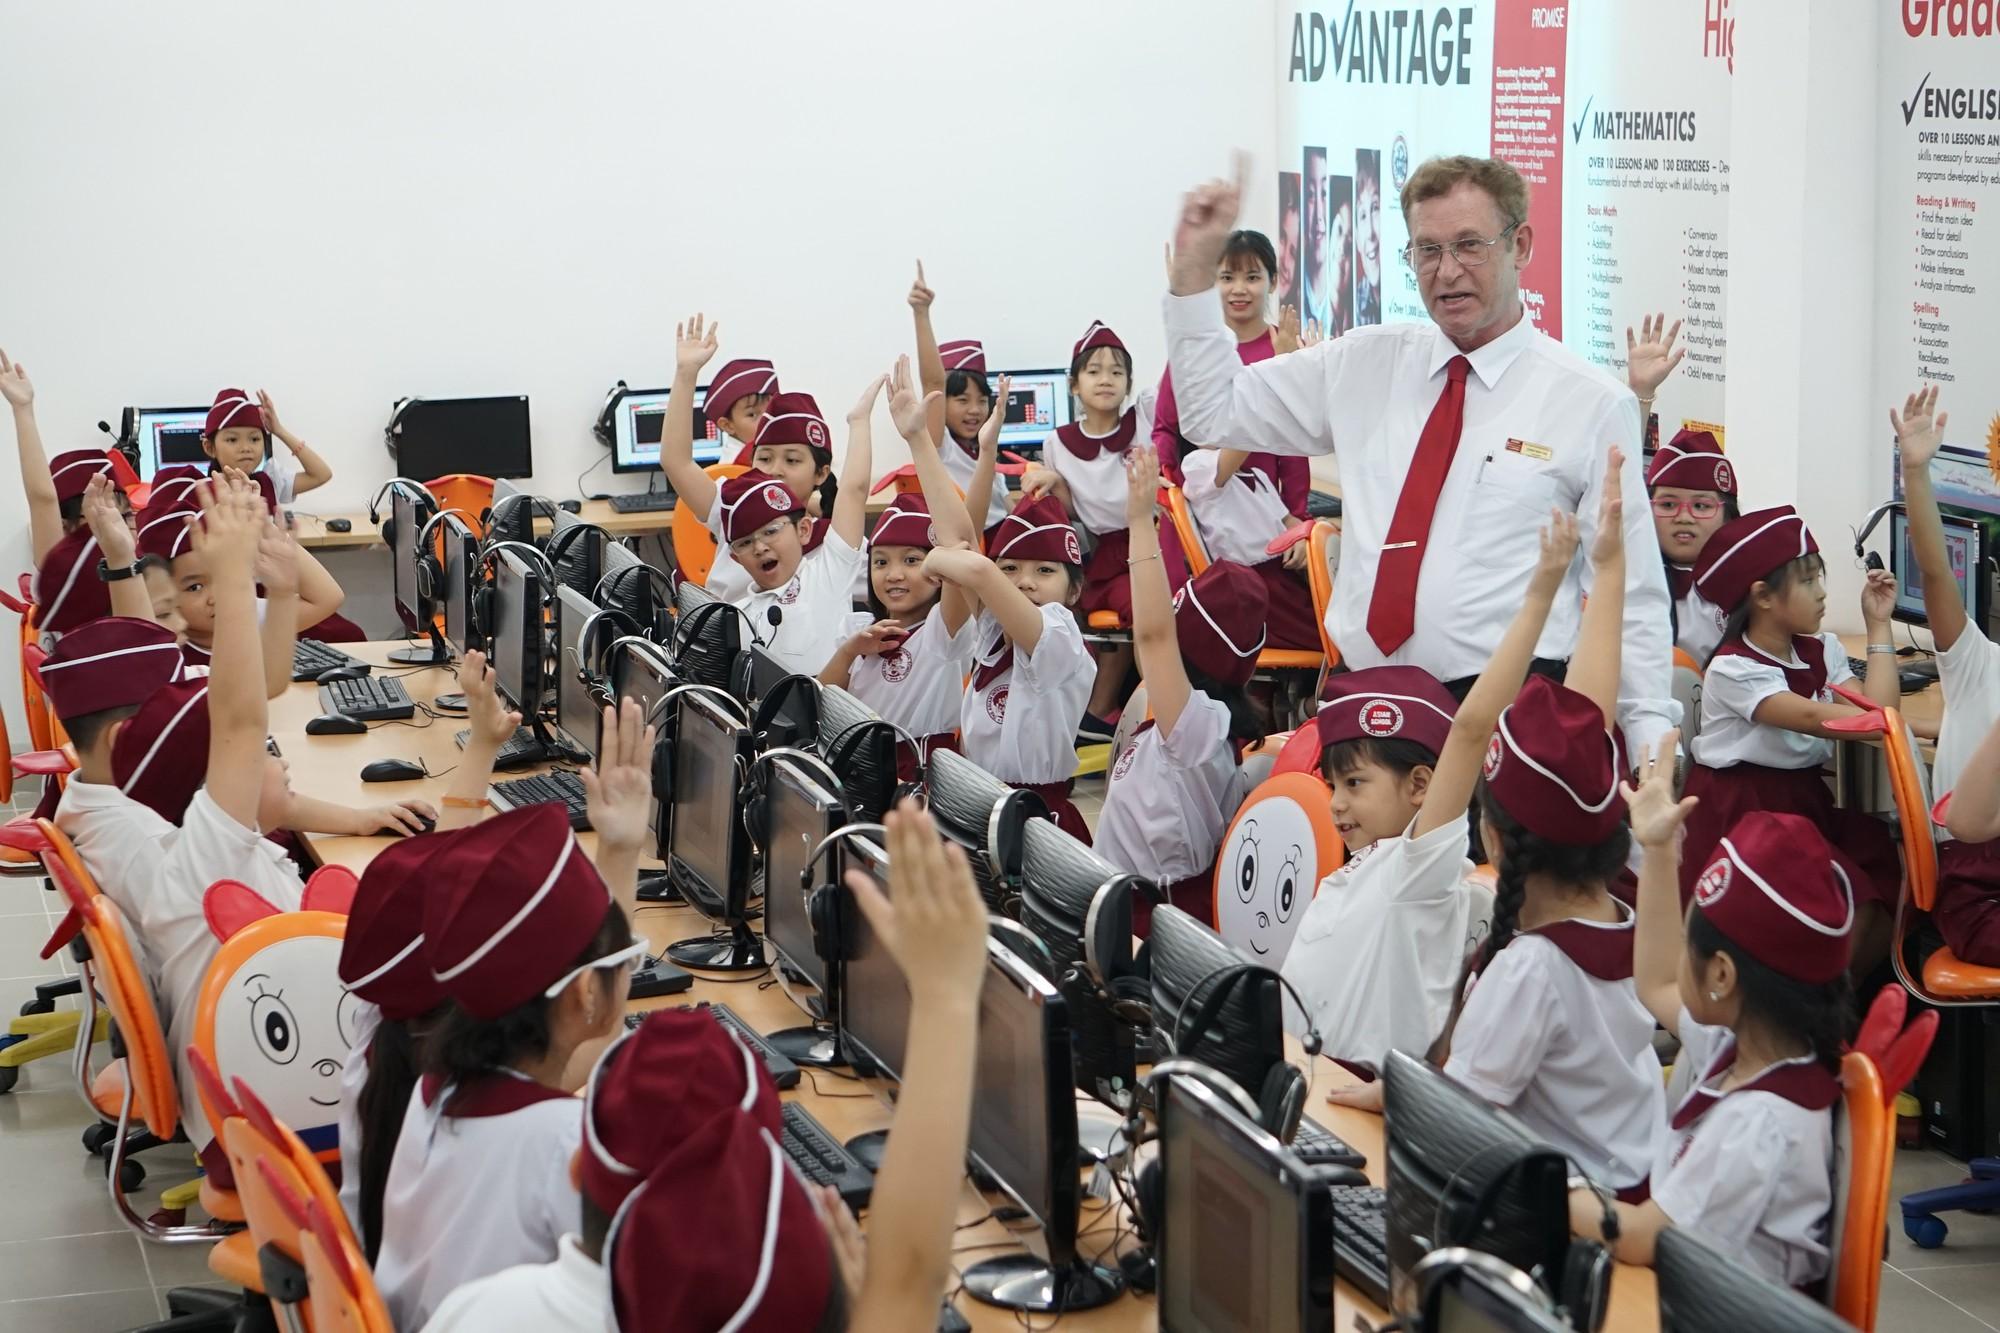 Asian School tiếp tục là trường quốc tế có nhiều giải học sinh giỏi năm 2019 - Ảnh 1.